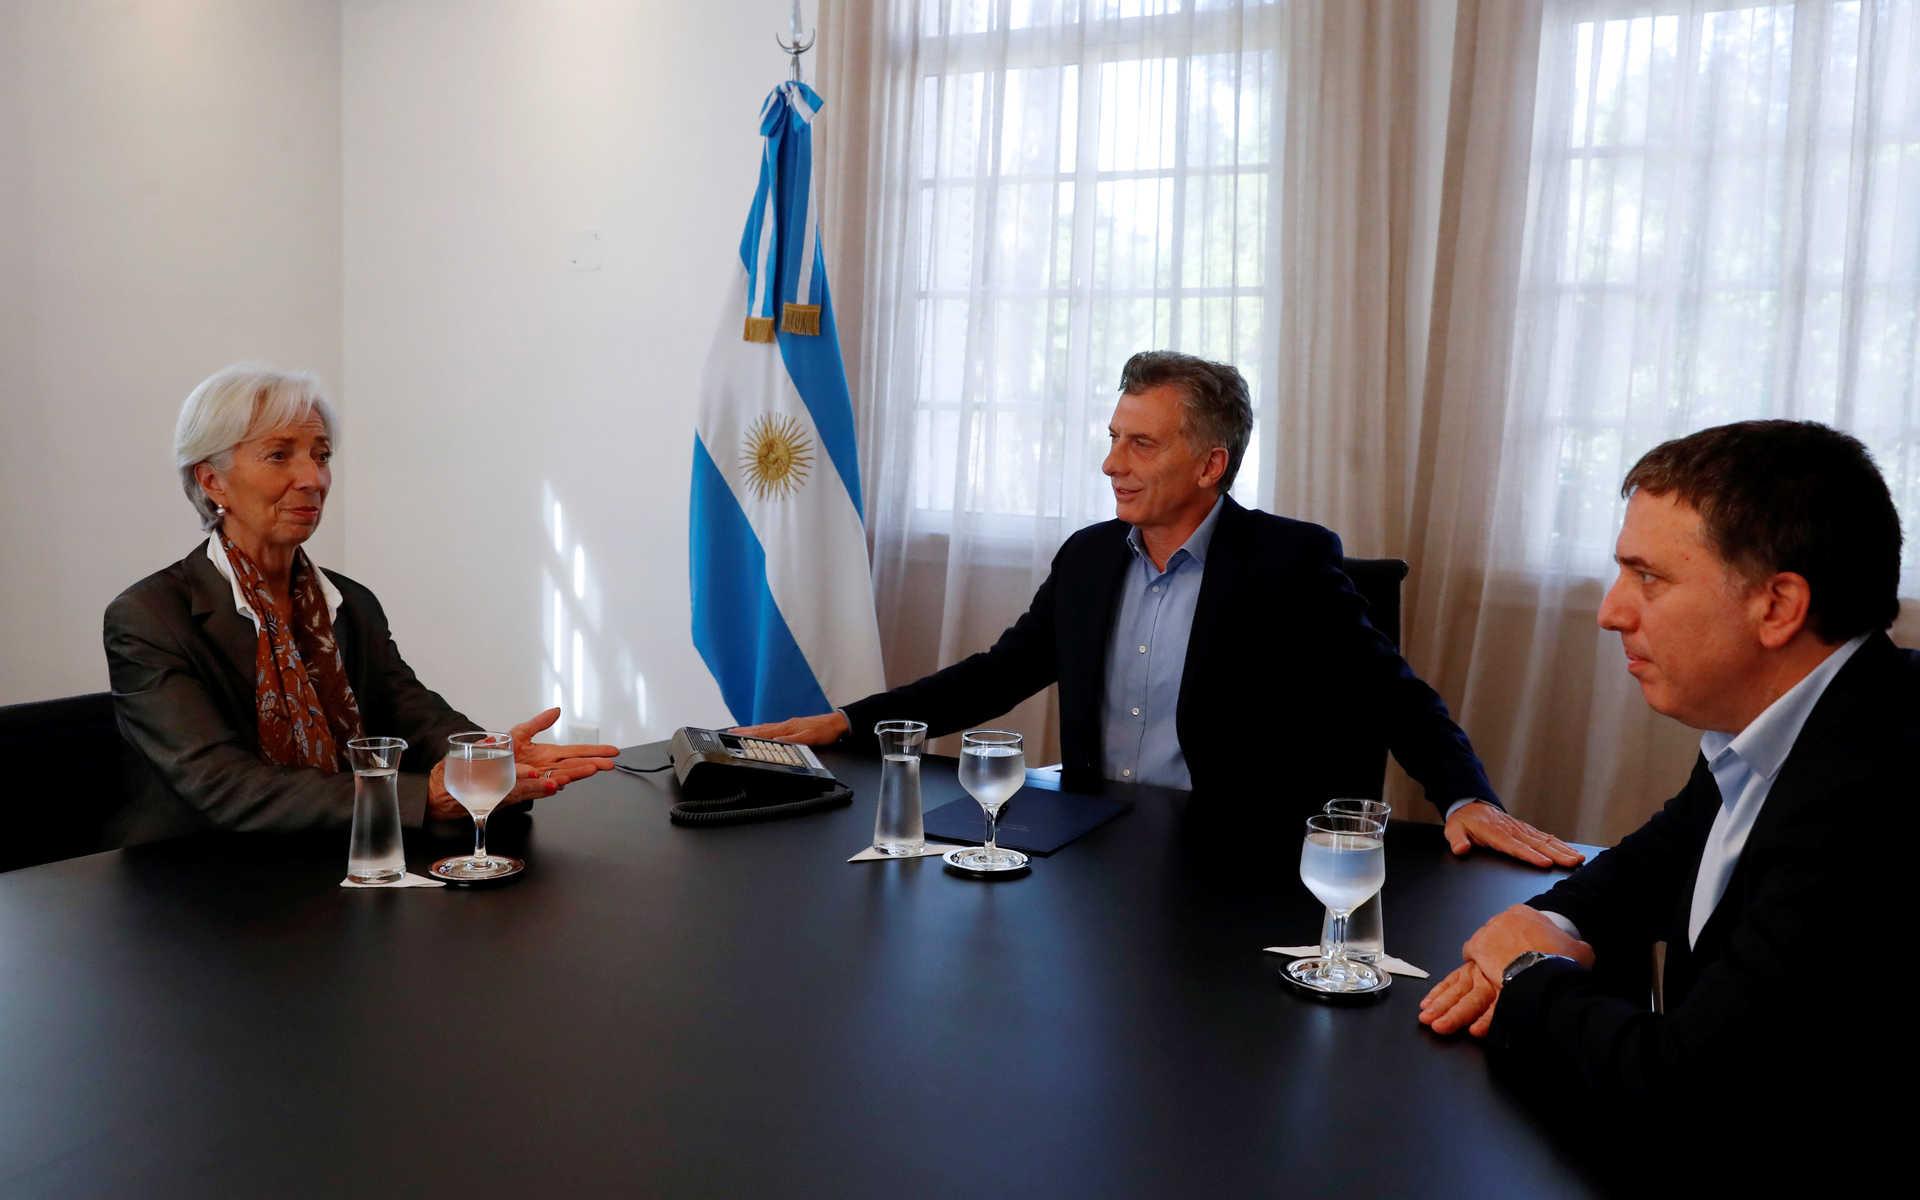 El presidente junto a la directora del FMI Christine Lagarde y el ministro de Hacienda Nicolás Dujovne